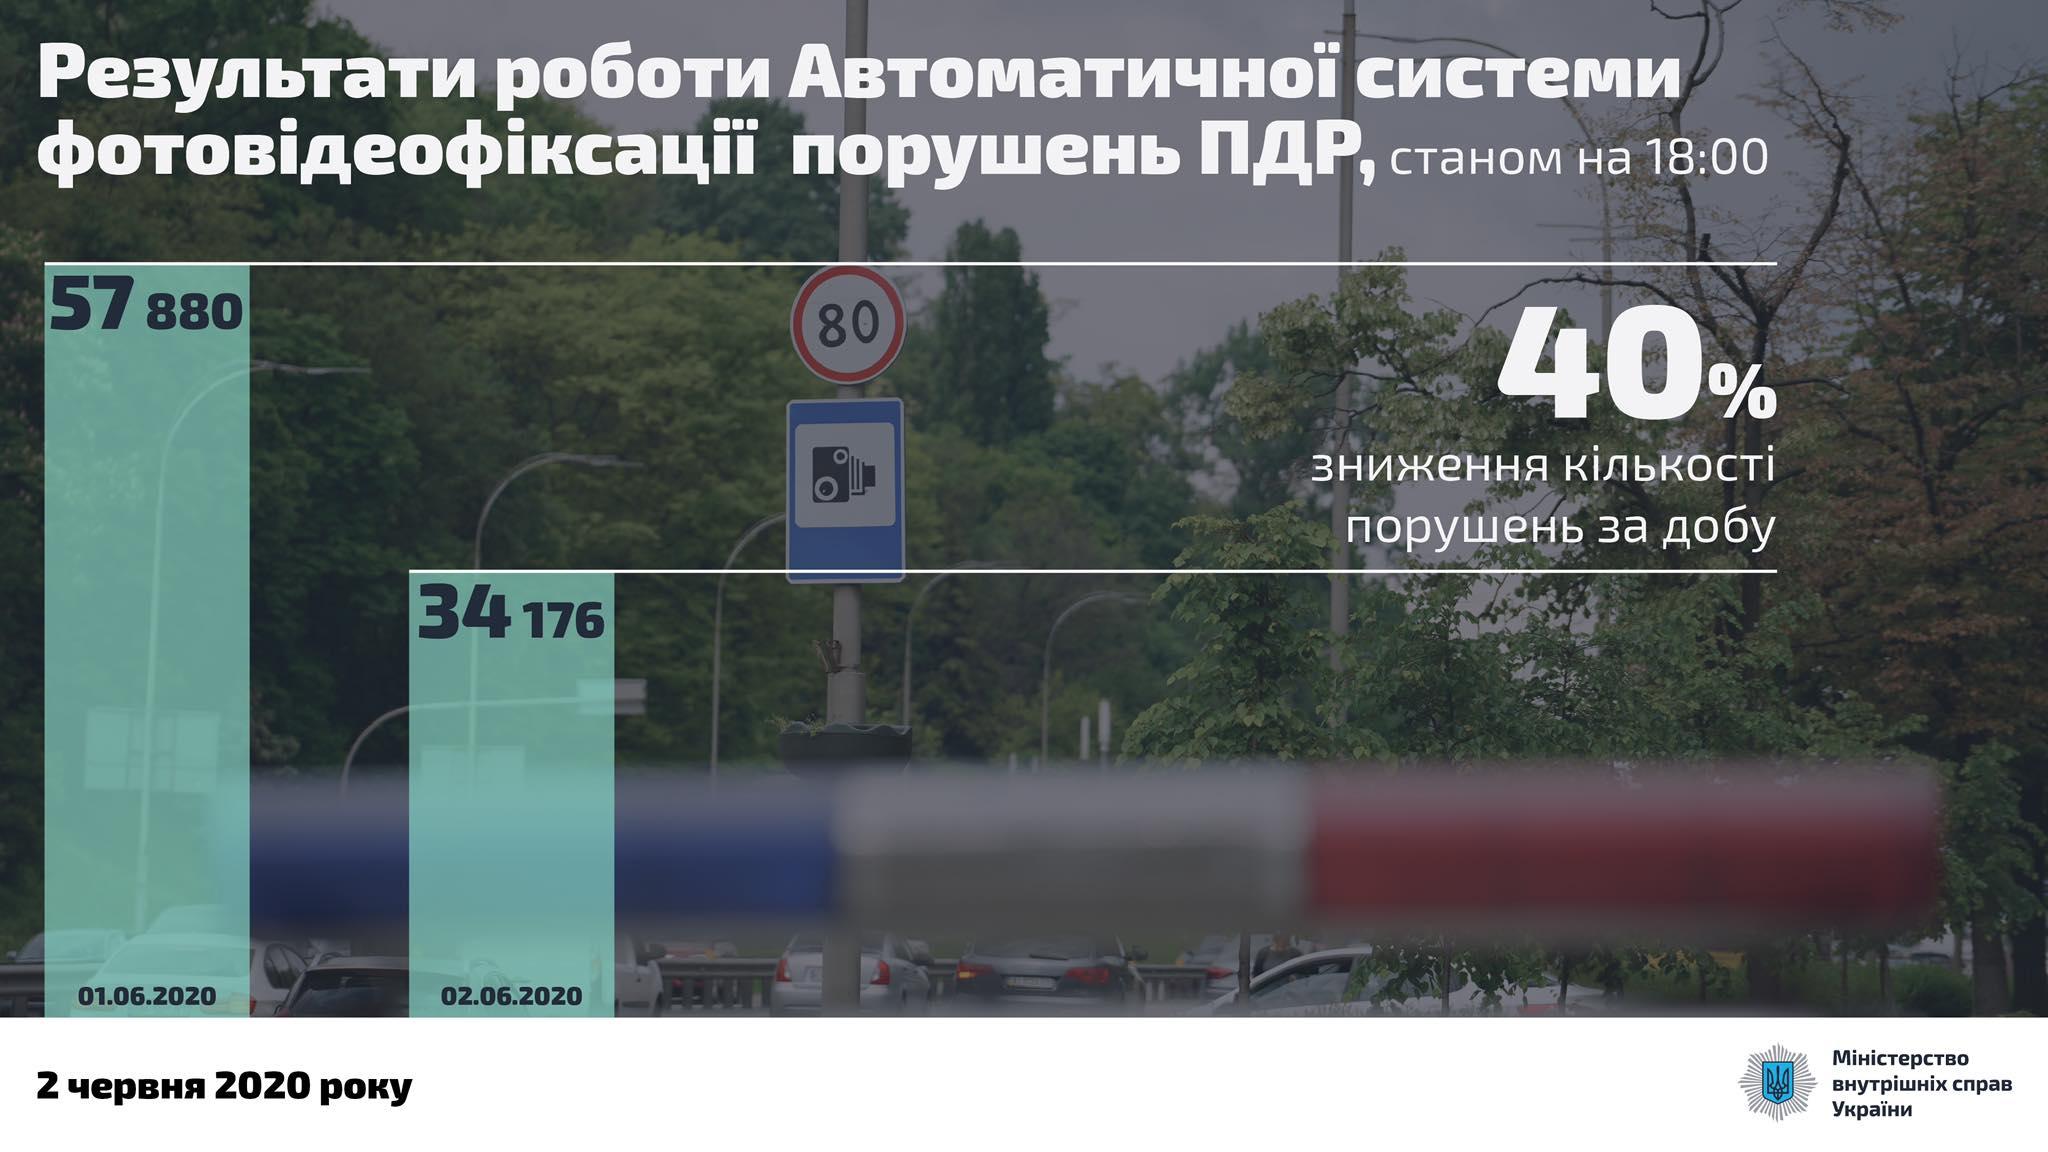 Система автофиксации нарушений ПДД в действии: количество превышений скоростного режима снизилось на 40%